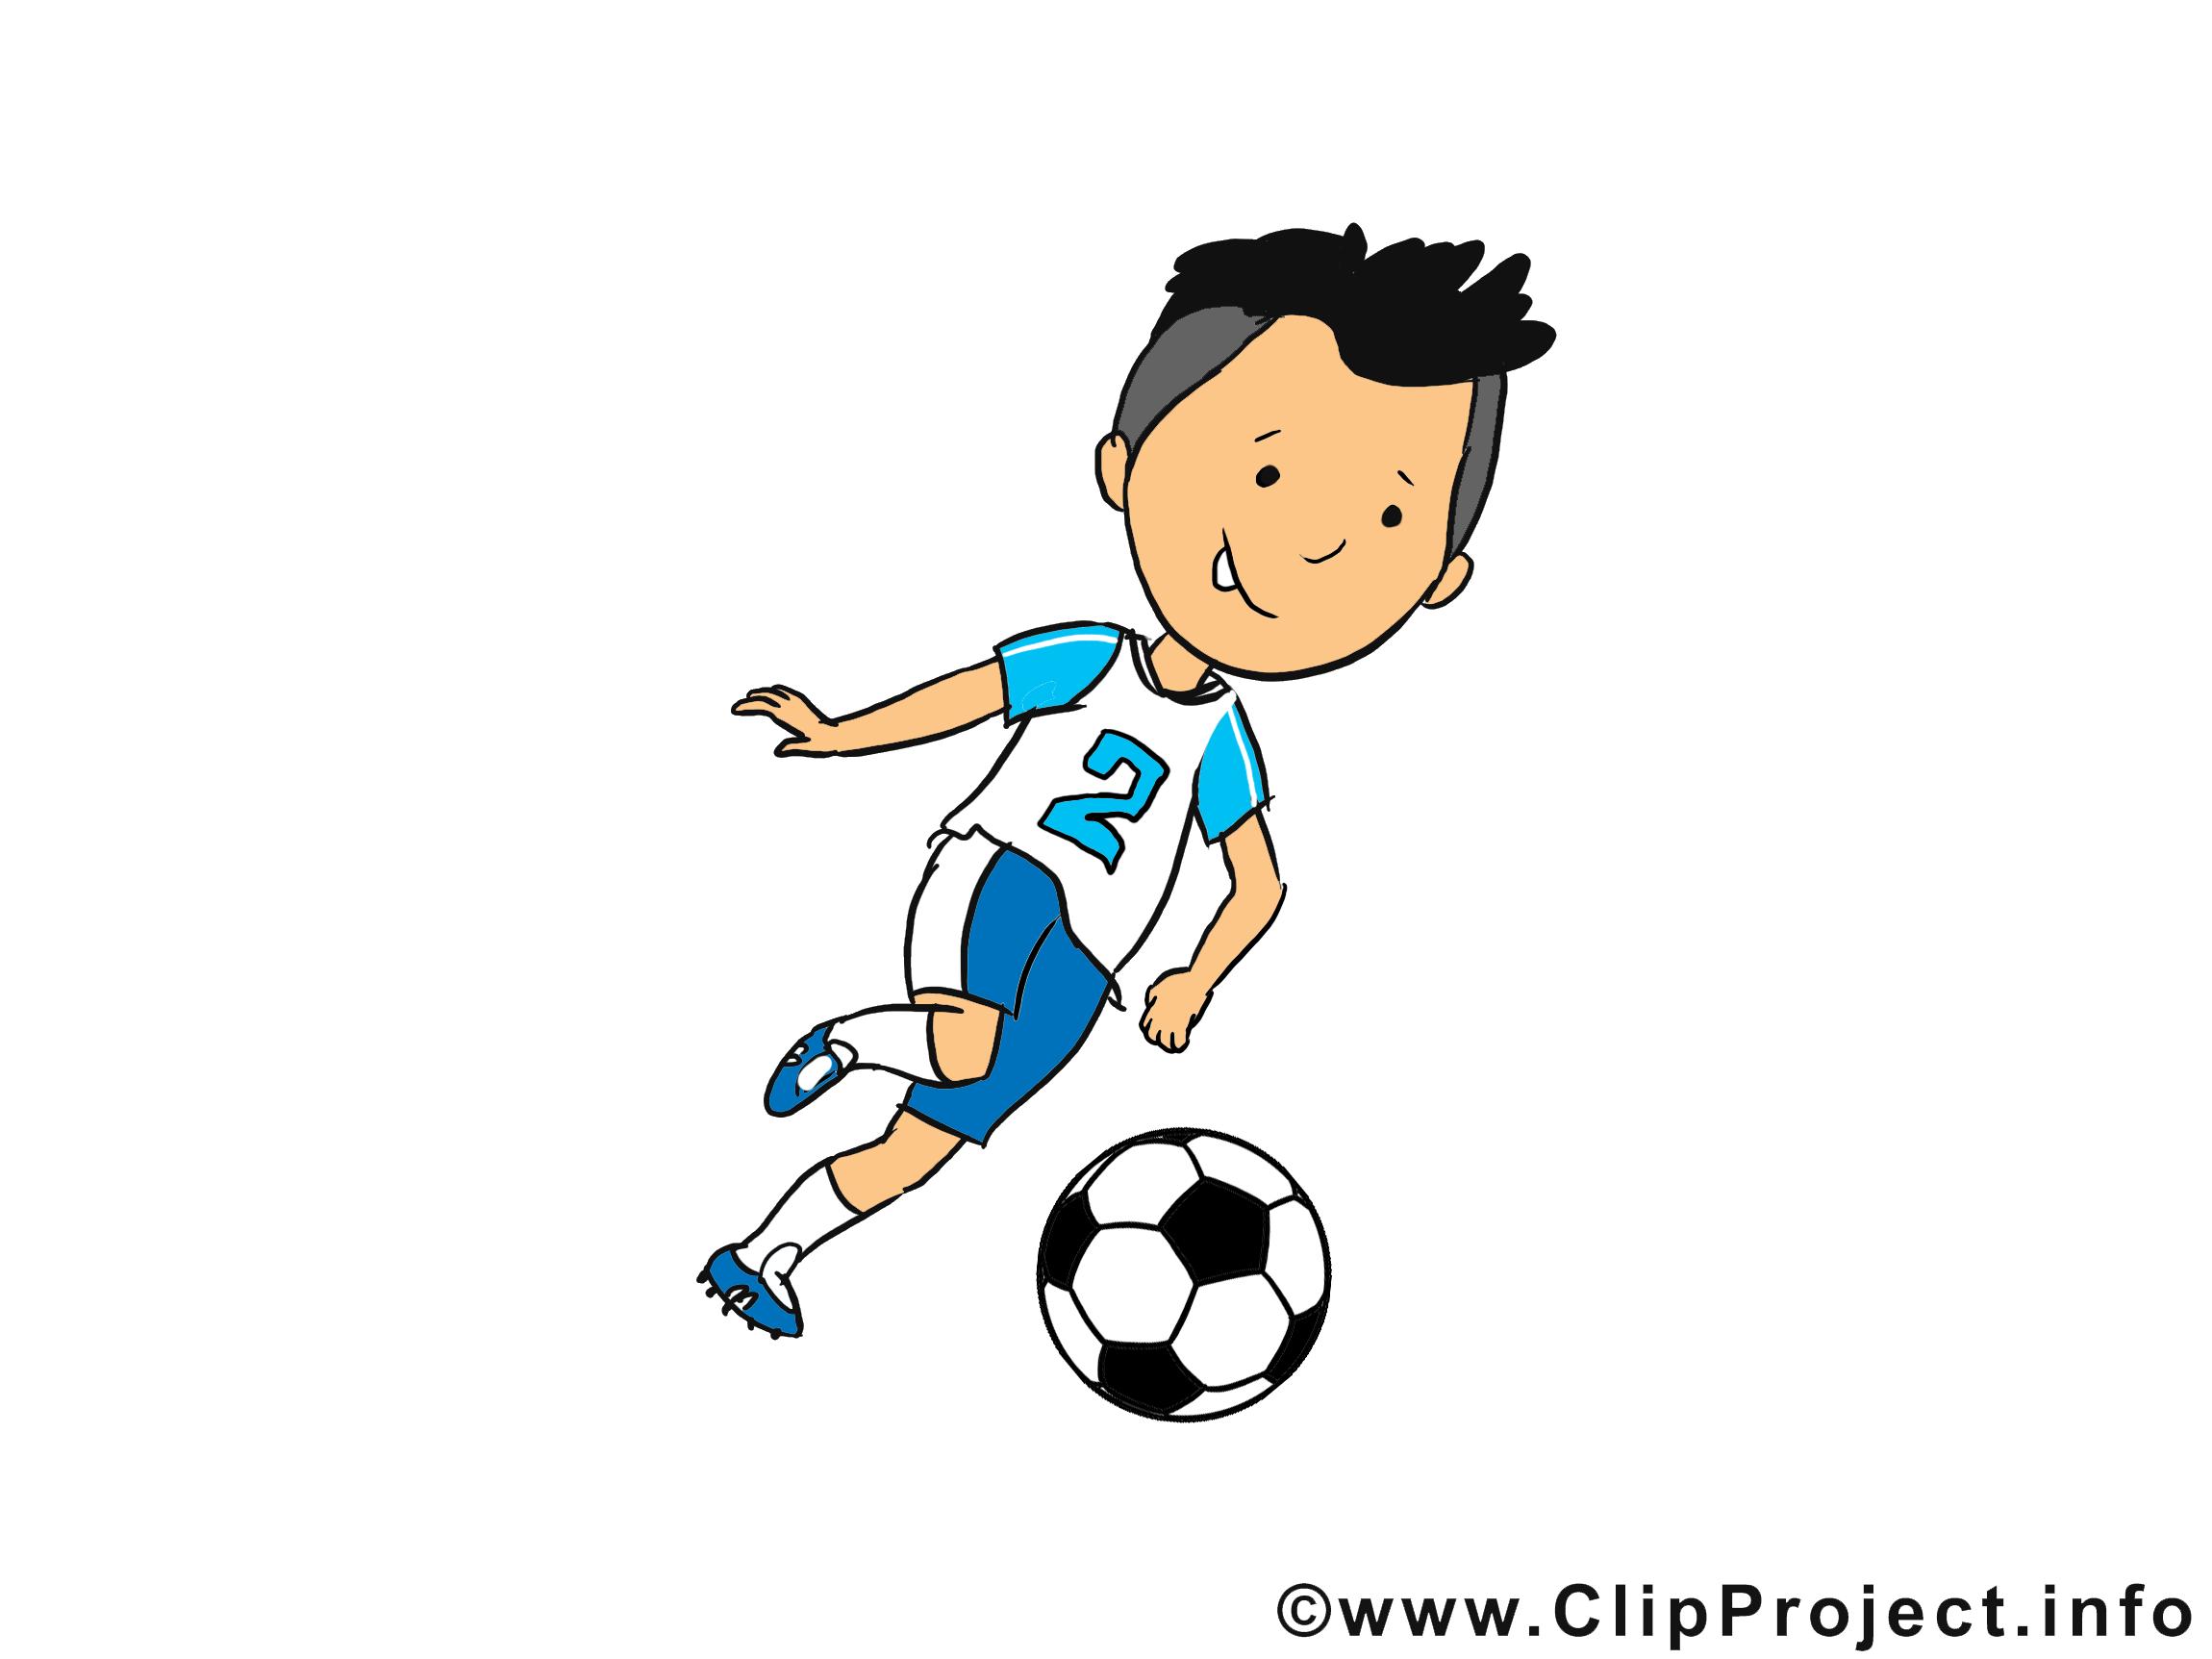 Fußballspieler Mit Z